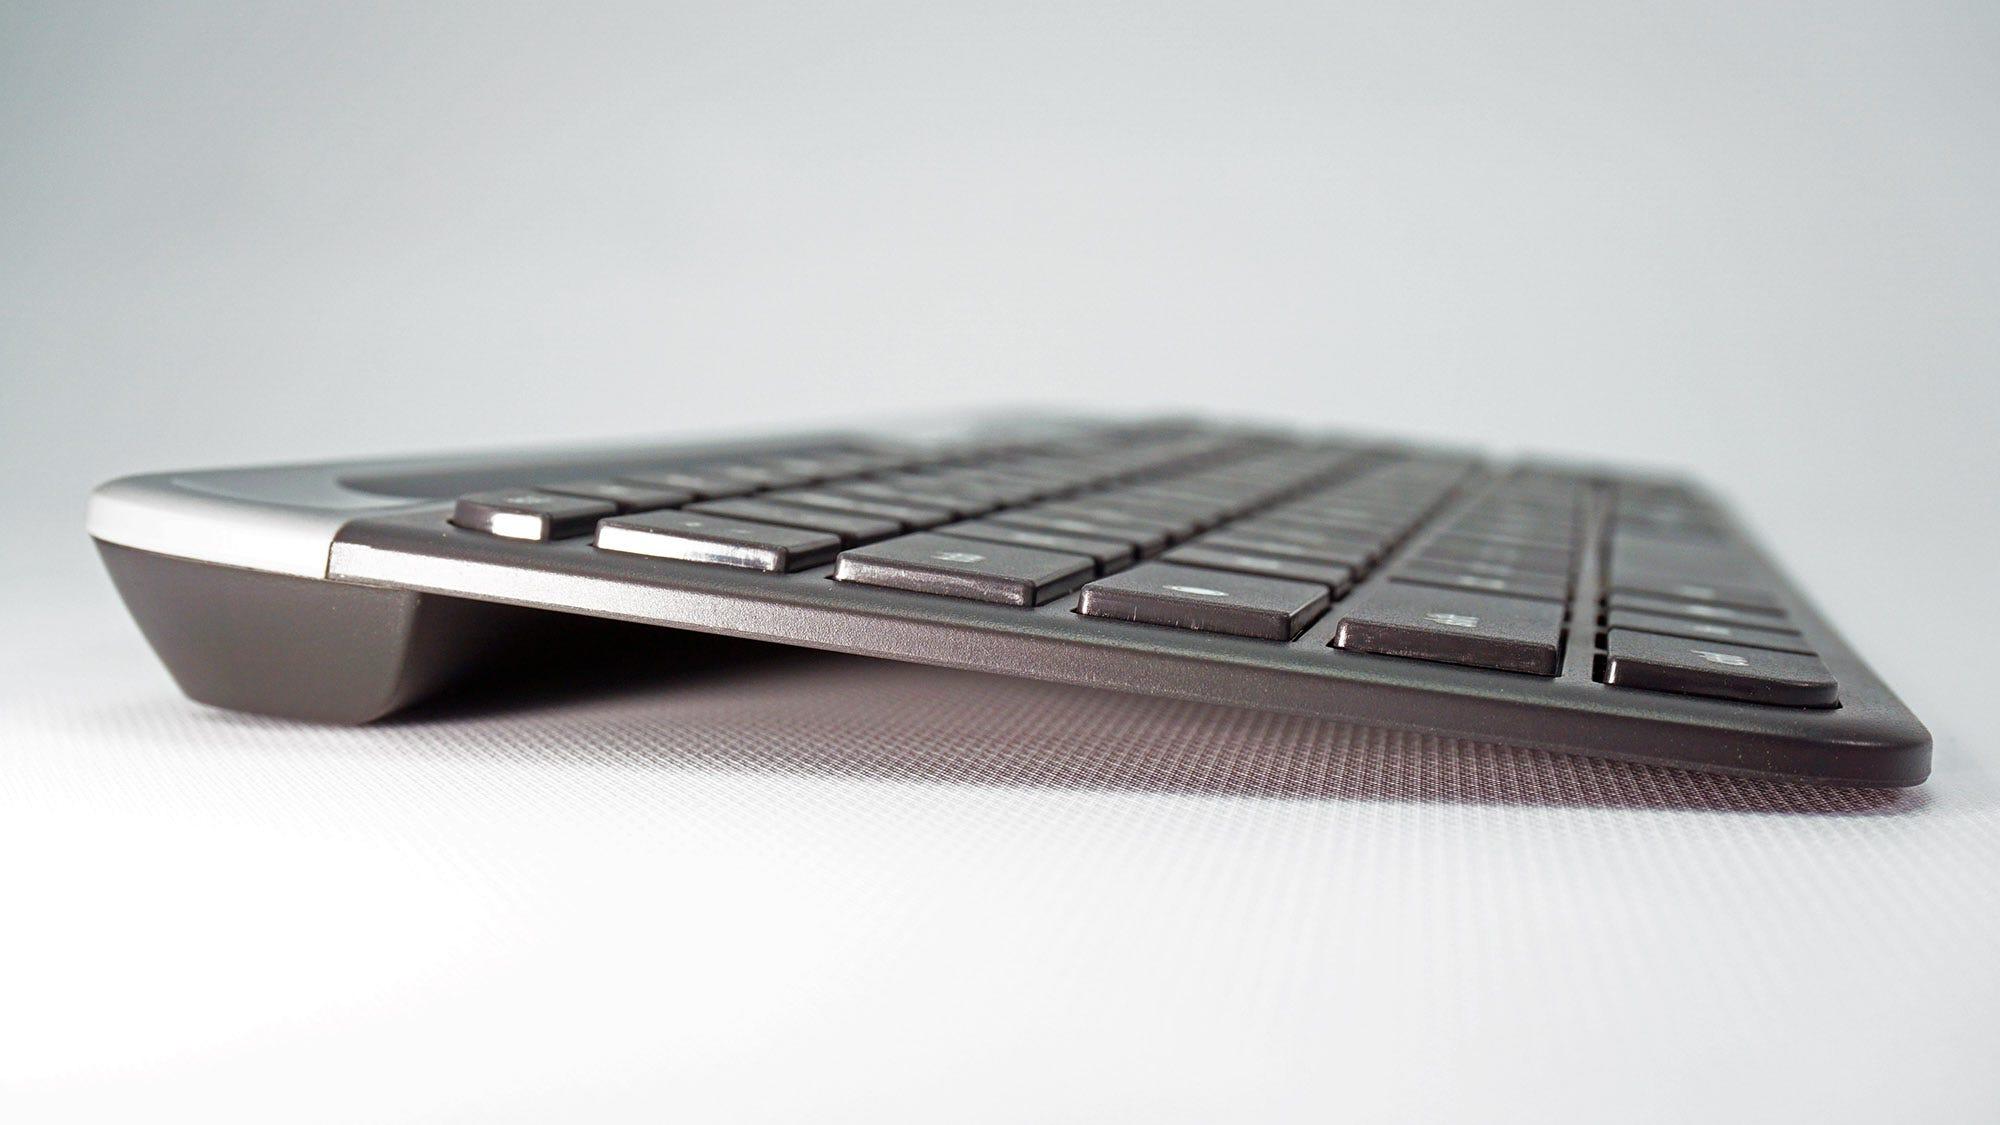 A side view of the Logitech K560 keyboard.